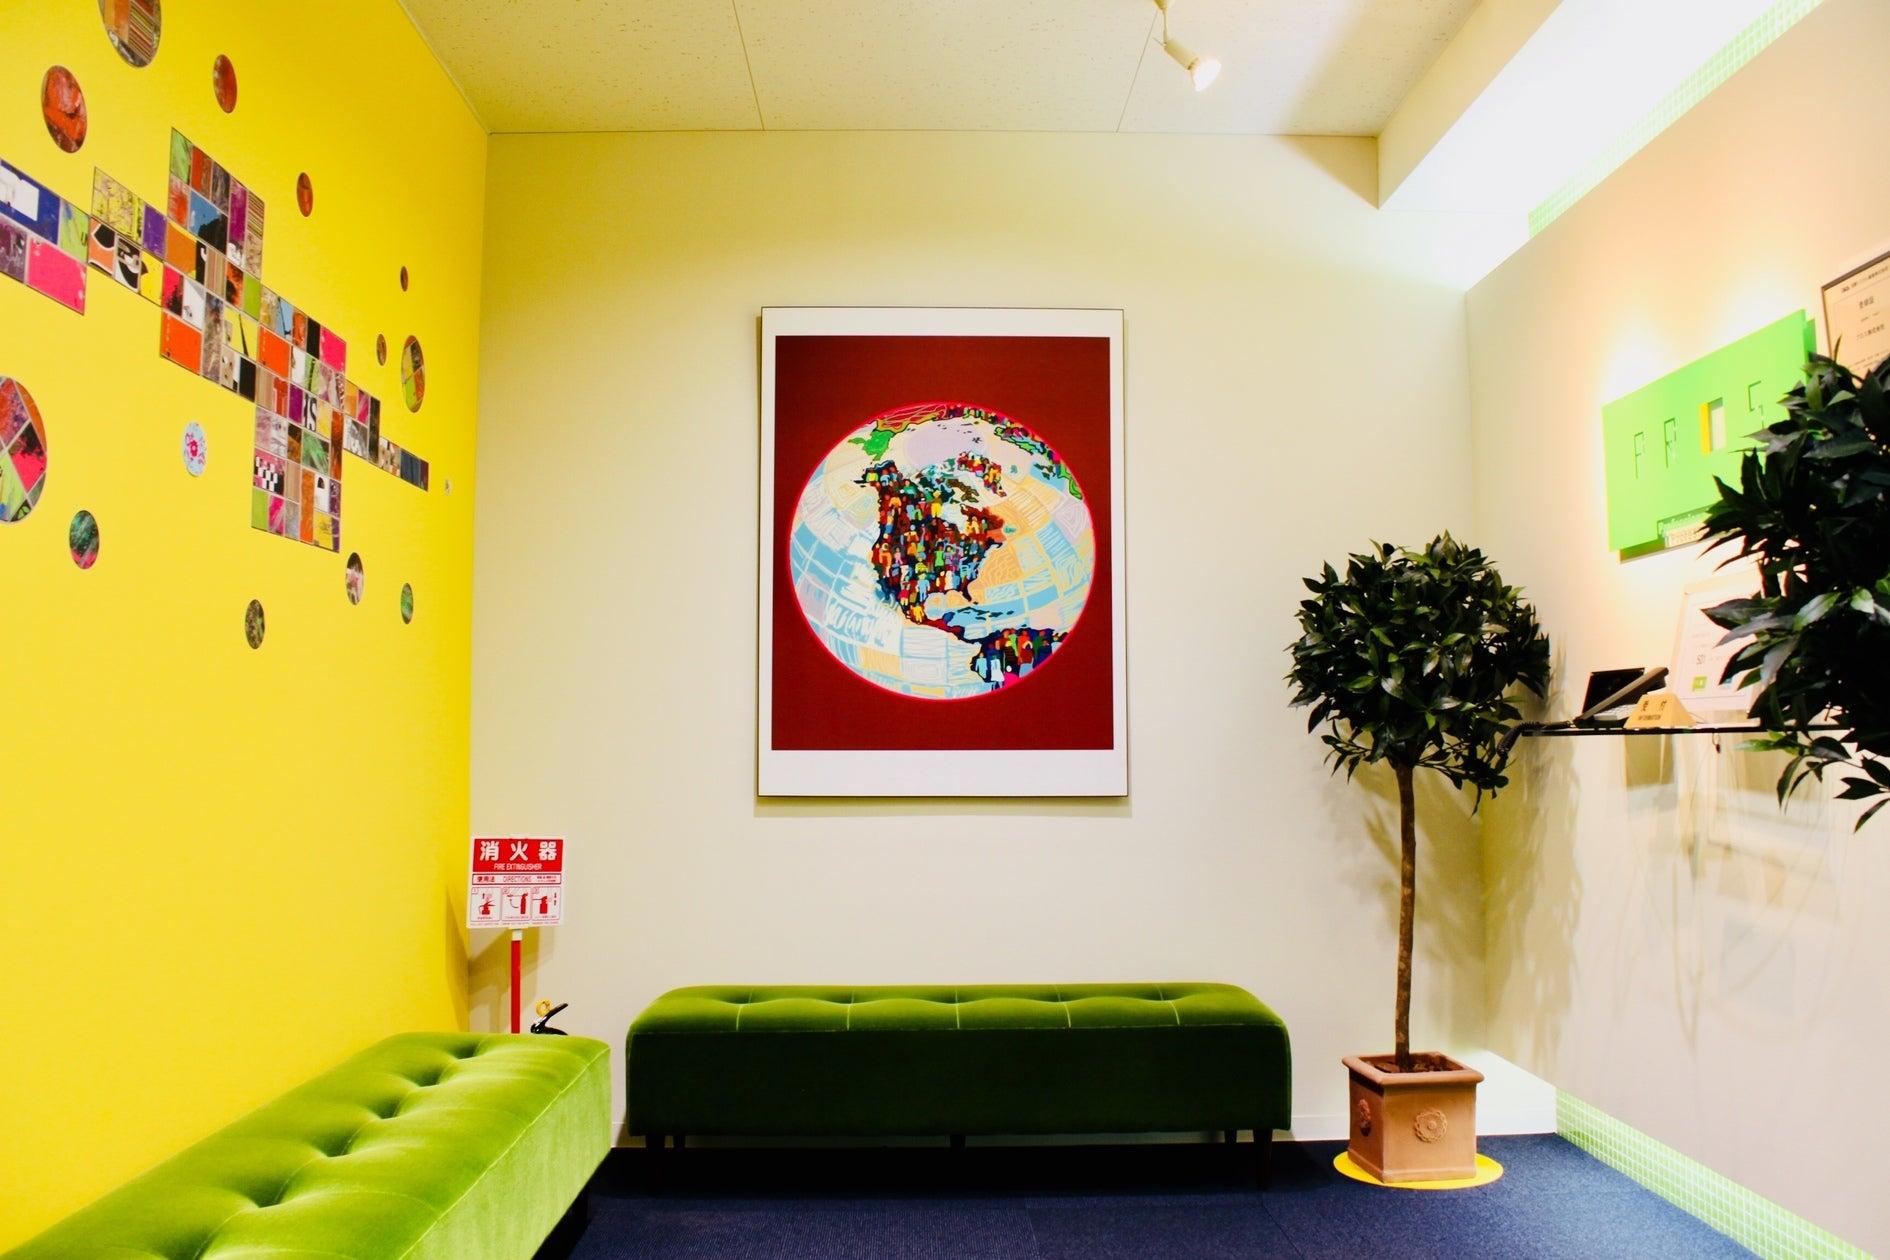 【大和駅徒歩5分】<会議室A>少人数の会議に最適♪Wifi・有線LAN・ホワイトボード利用可! の写真